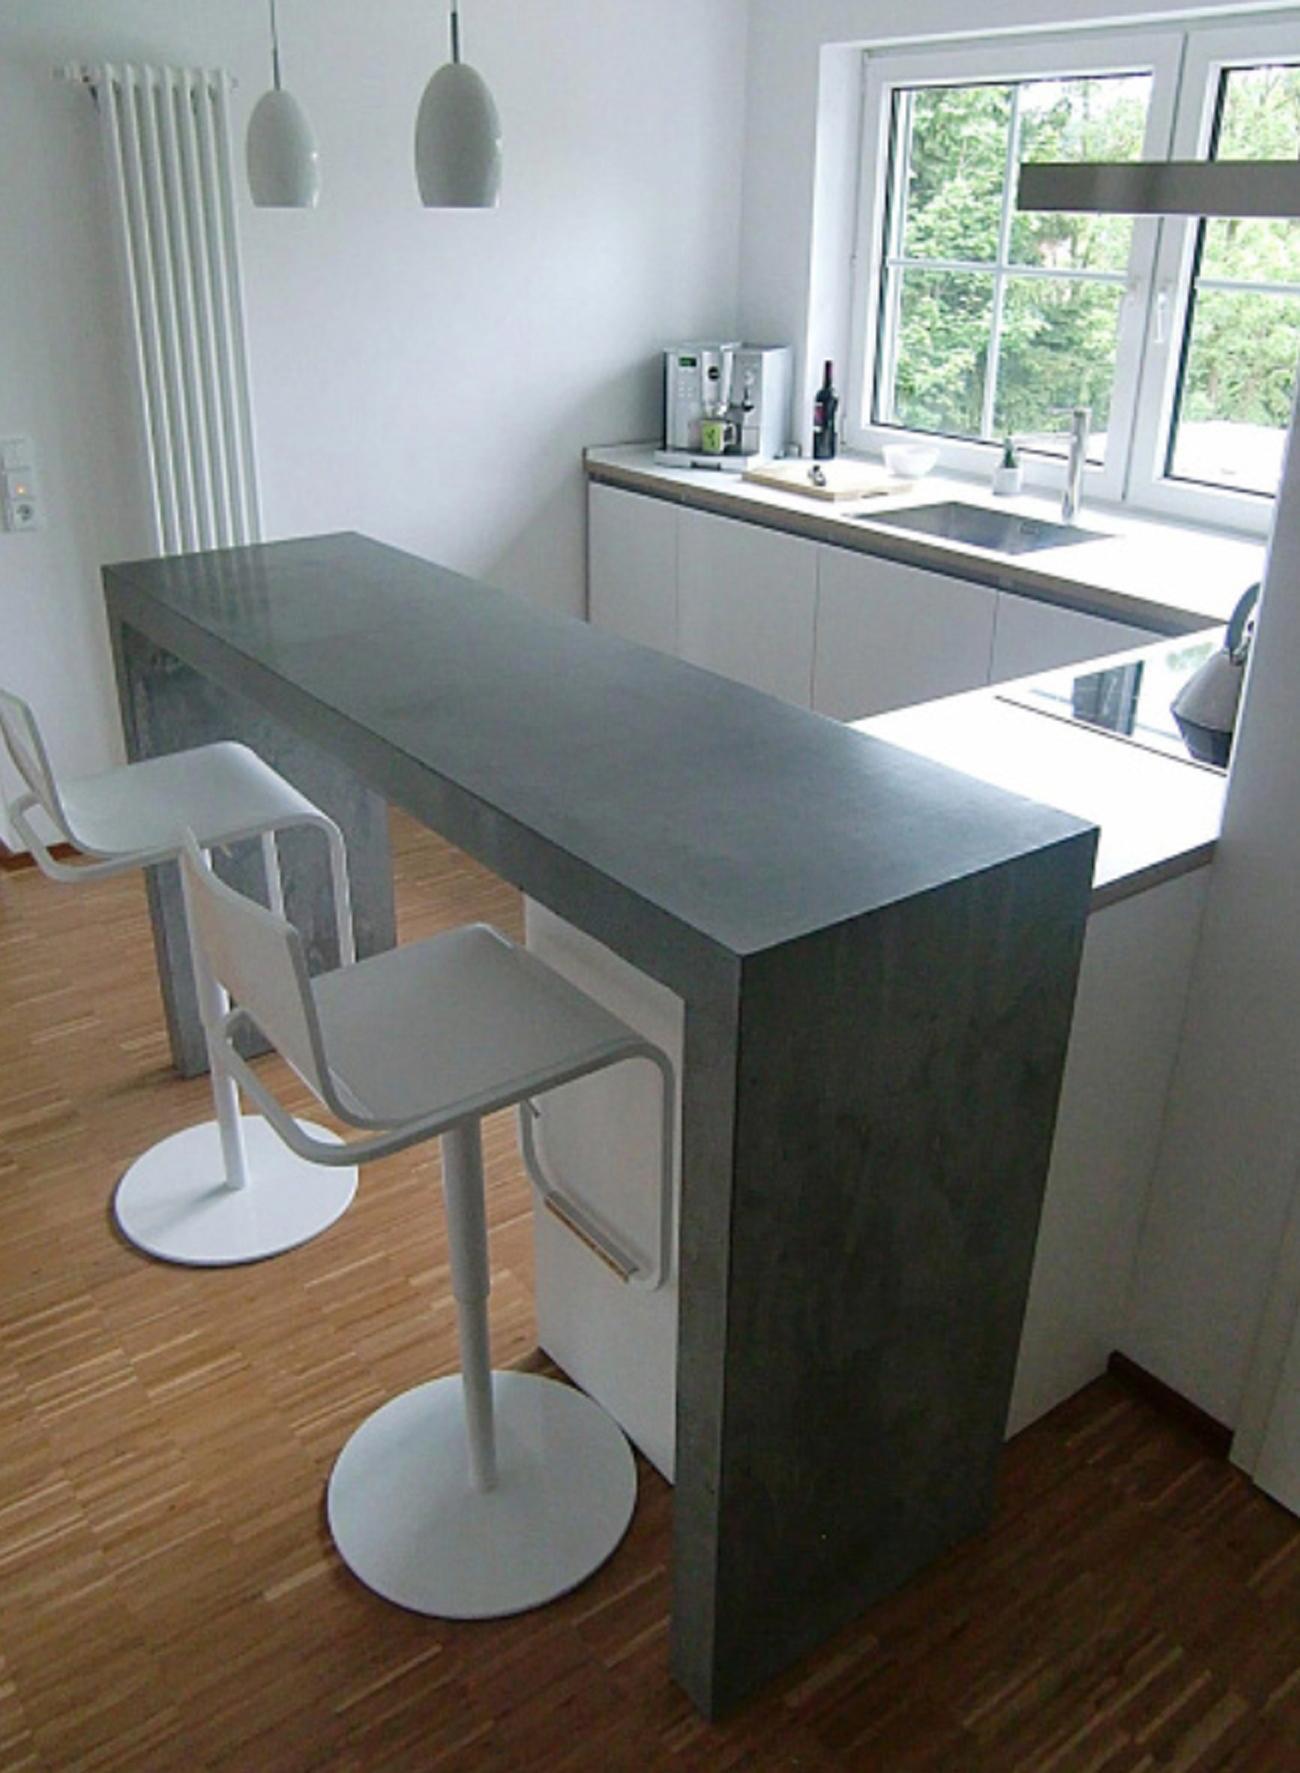 Hölzerne Küchentheke • Bilder & Ideen • COUCH